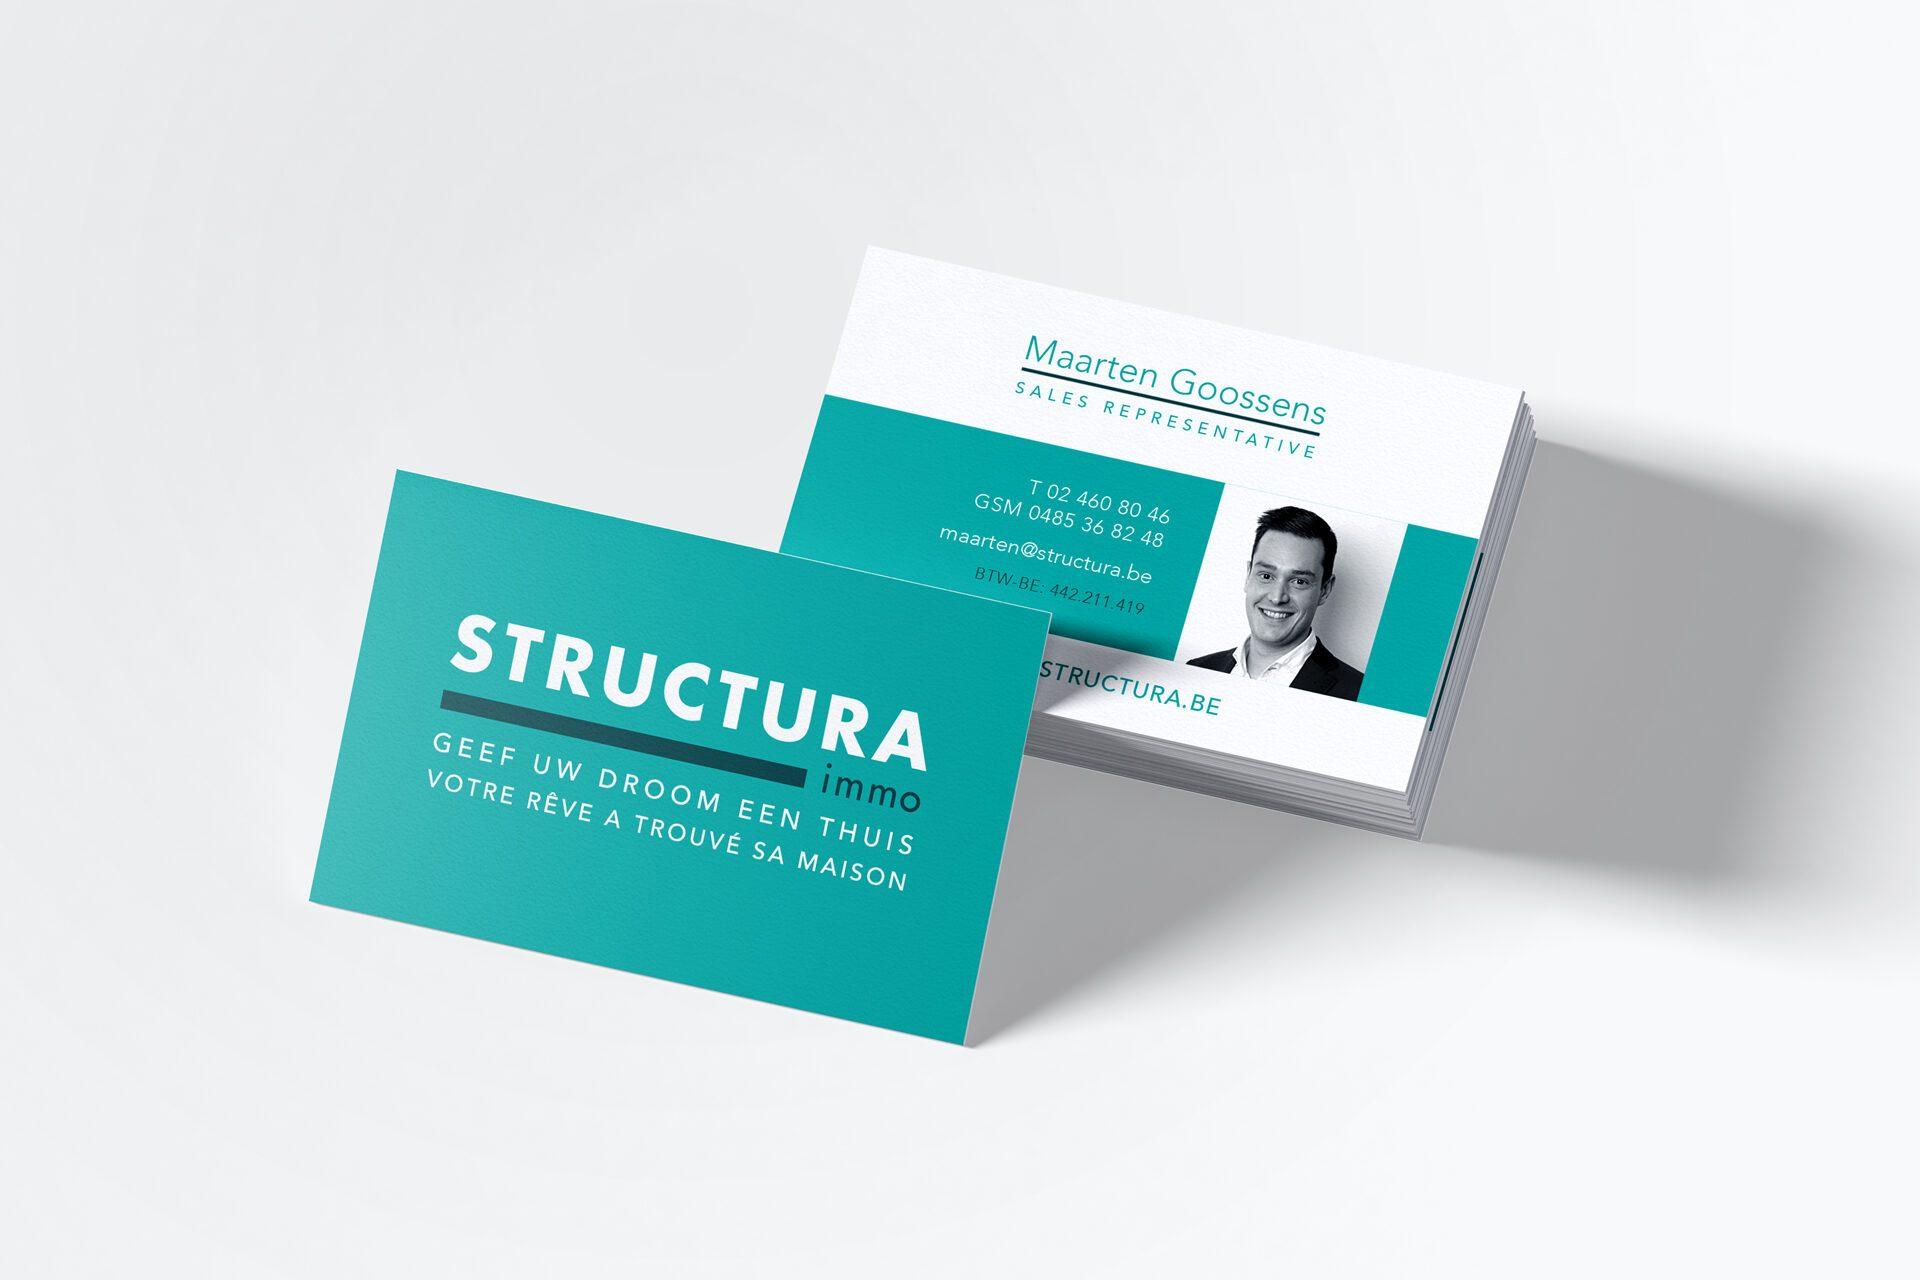 Picture Structura Brand Identity